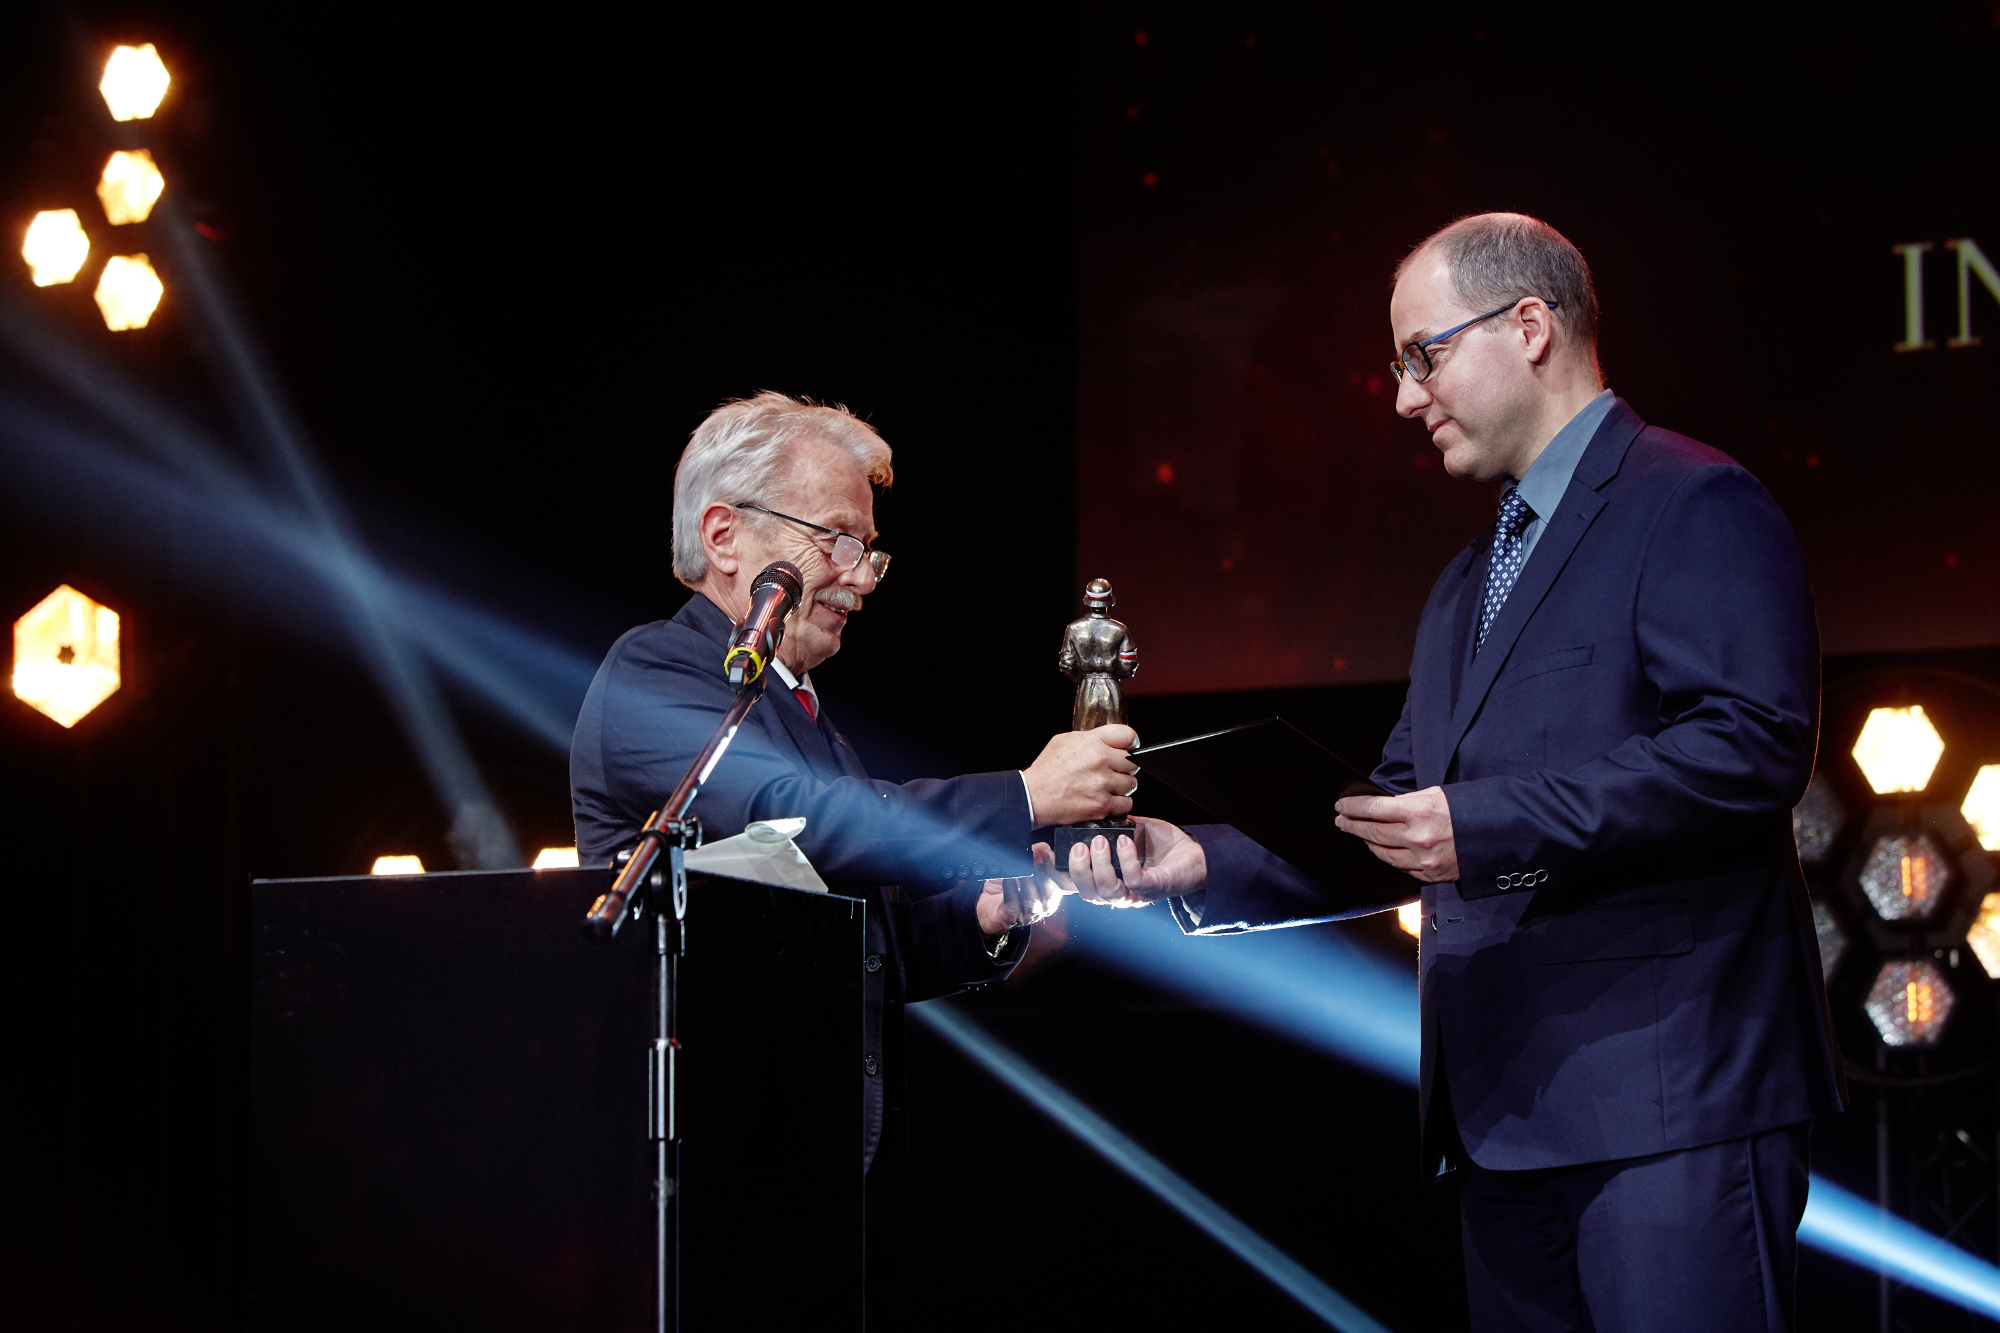 Nagroda_BohaterONy_2019_gala_fot_Michał_Moryl (12)